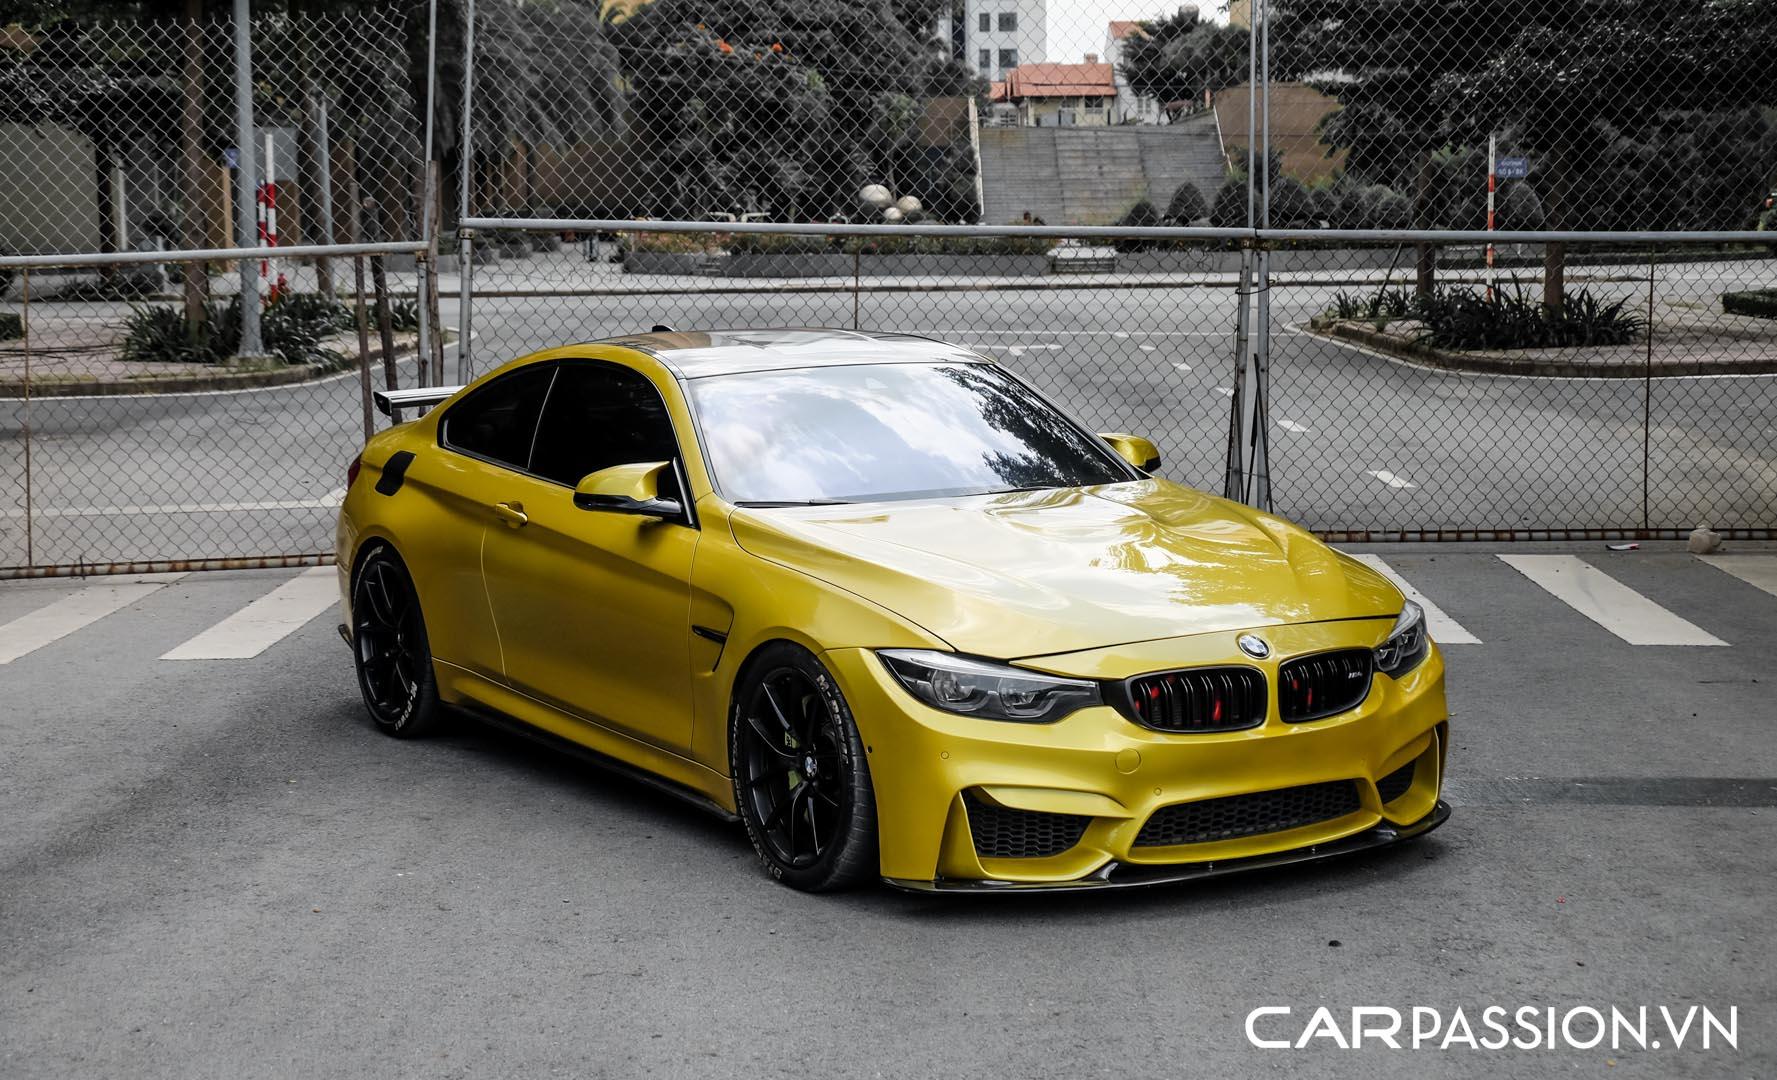 CP-BMW M4 F8 được rao bán (1).jpg